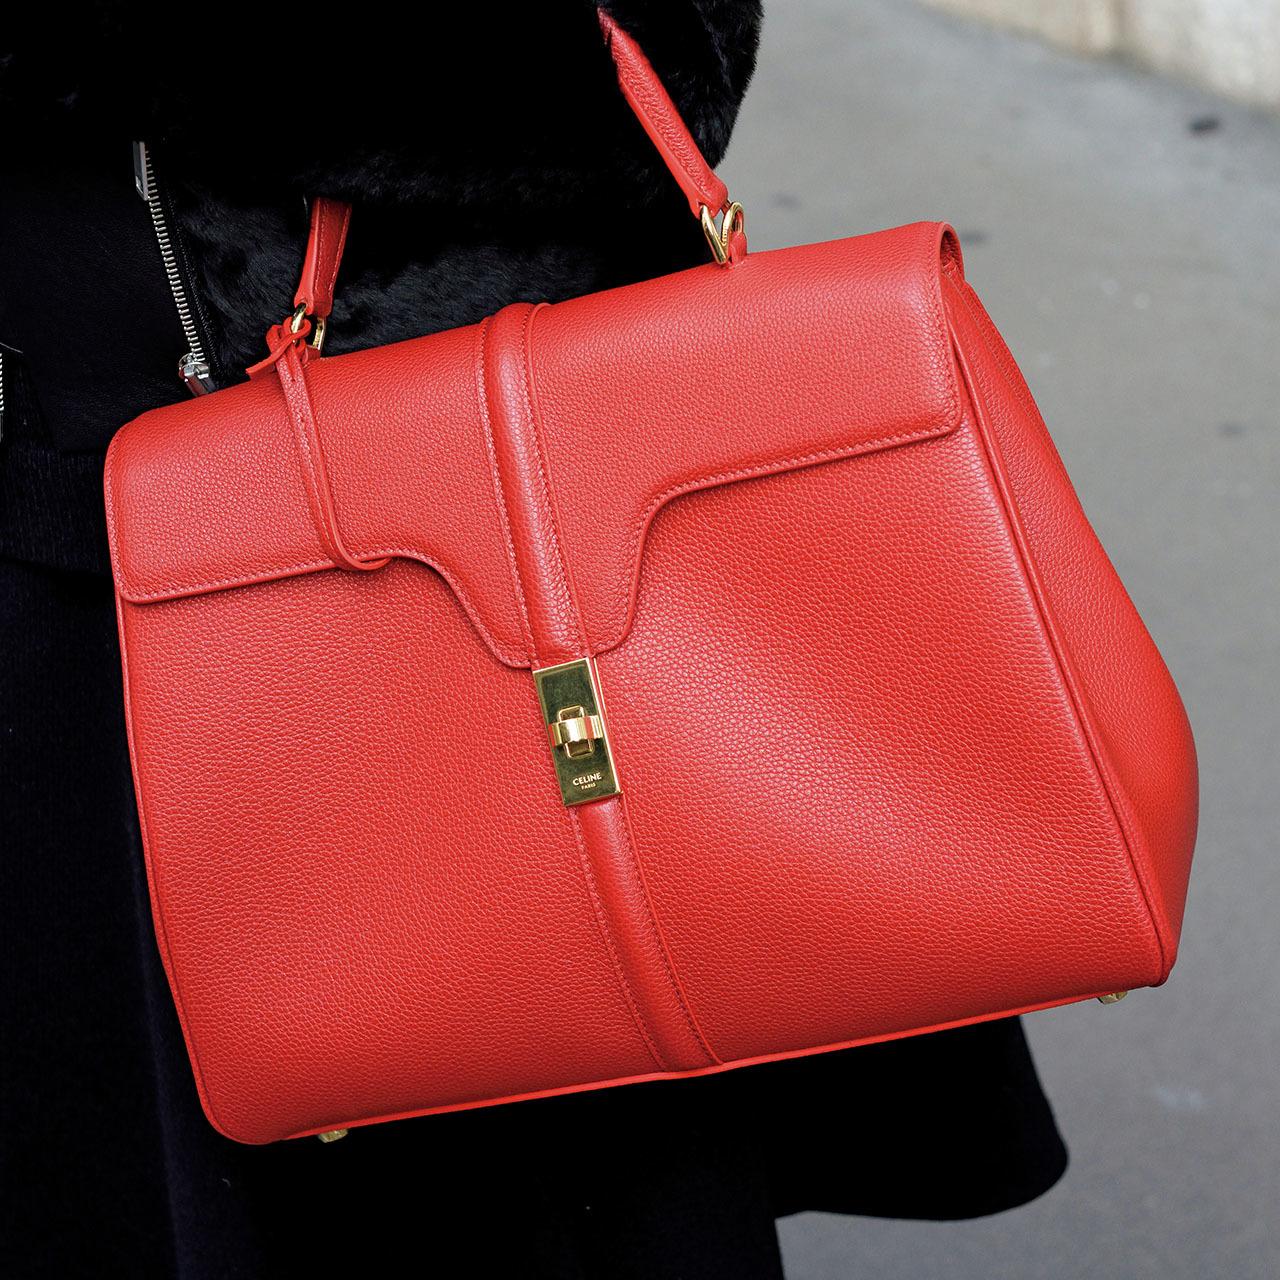 パリ&ミラノマダムのこだわりは「小物」にあり! センスが光るバッグ・ブーツ・時計19選_1_1-3